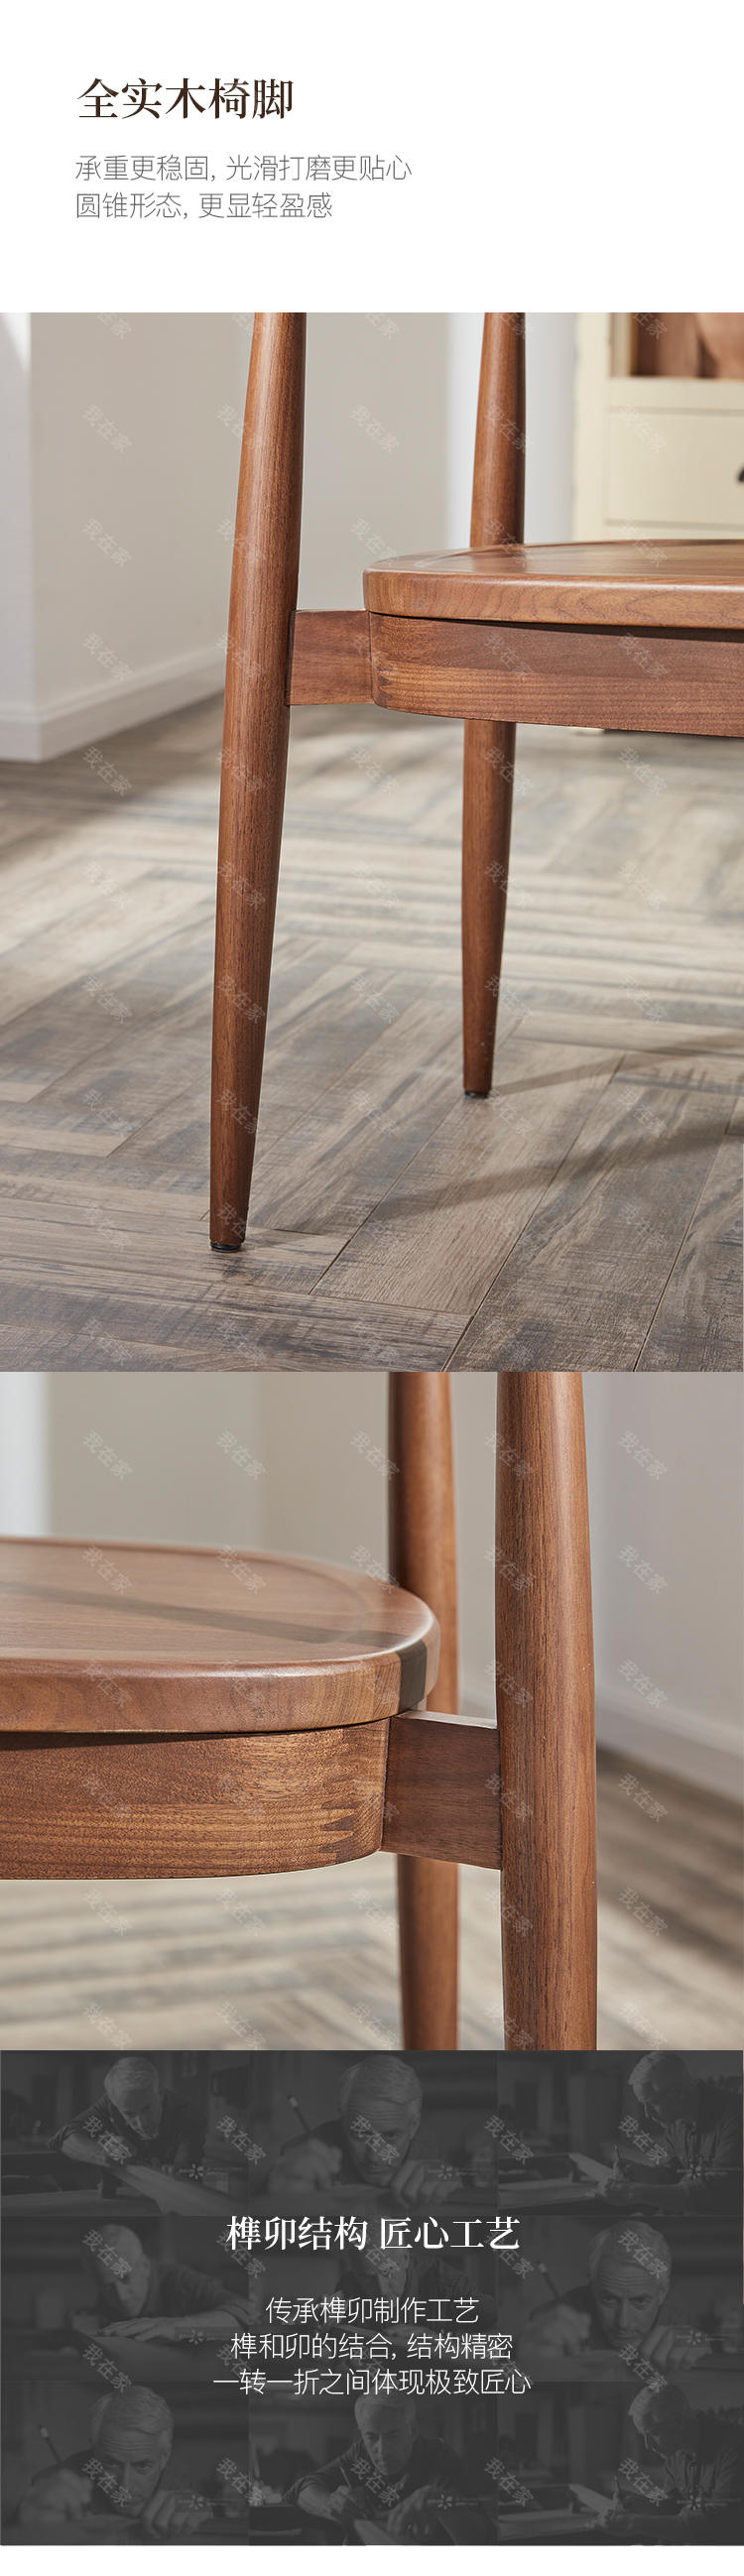 原木北欧风格云渺餐椅的家具详细介绍